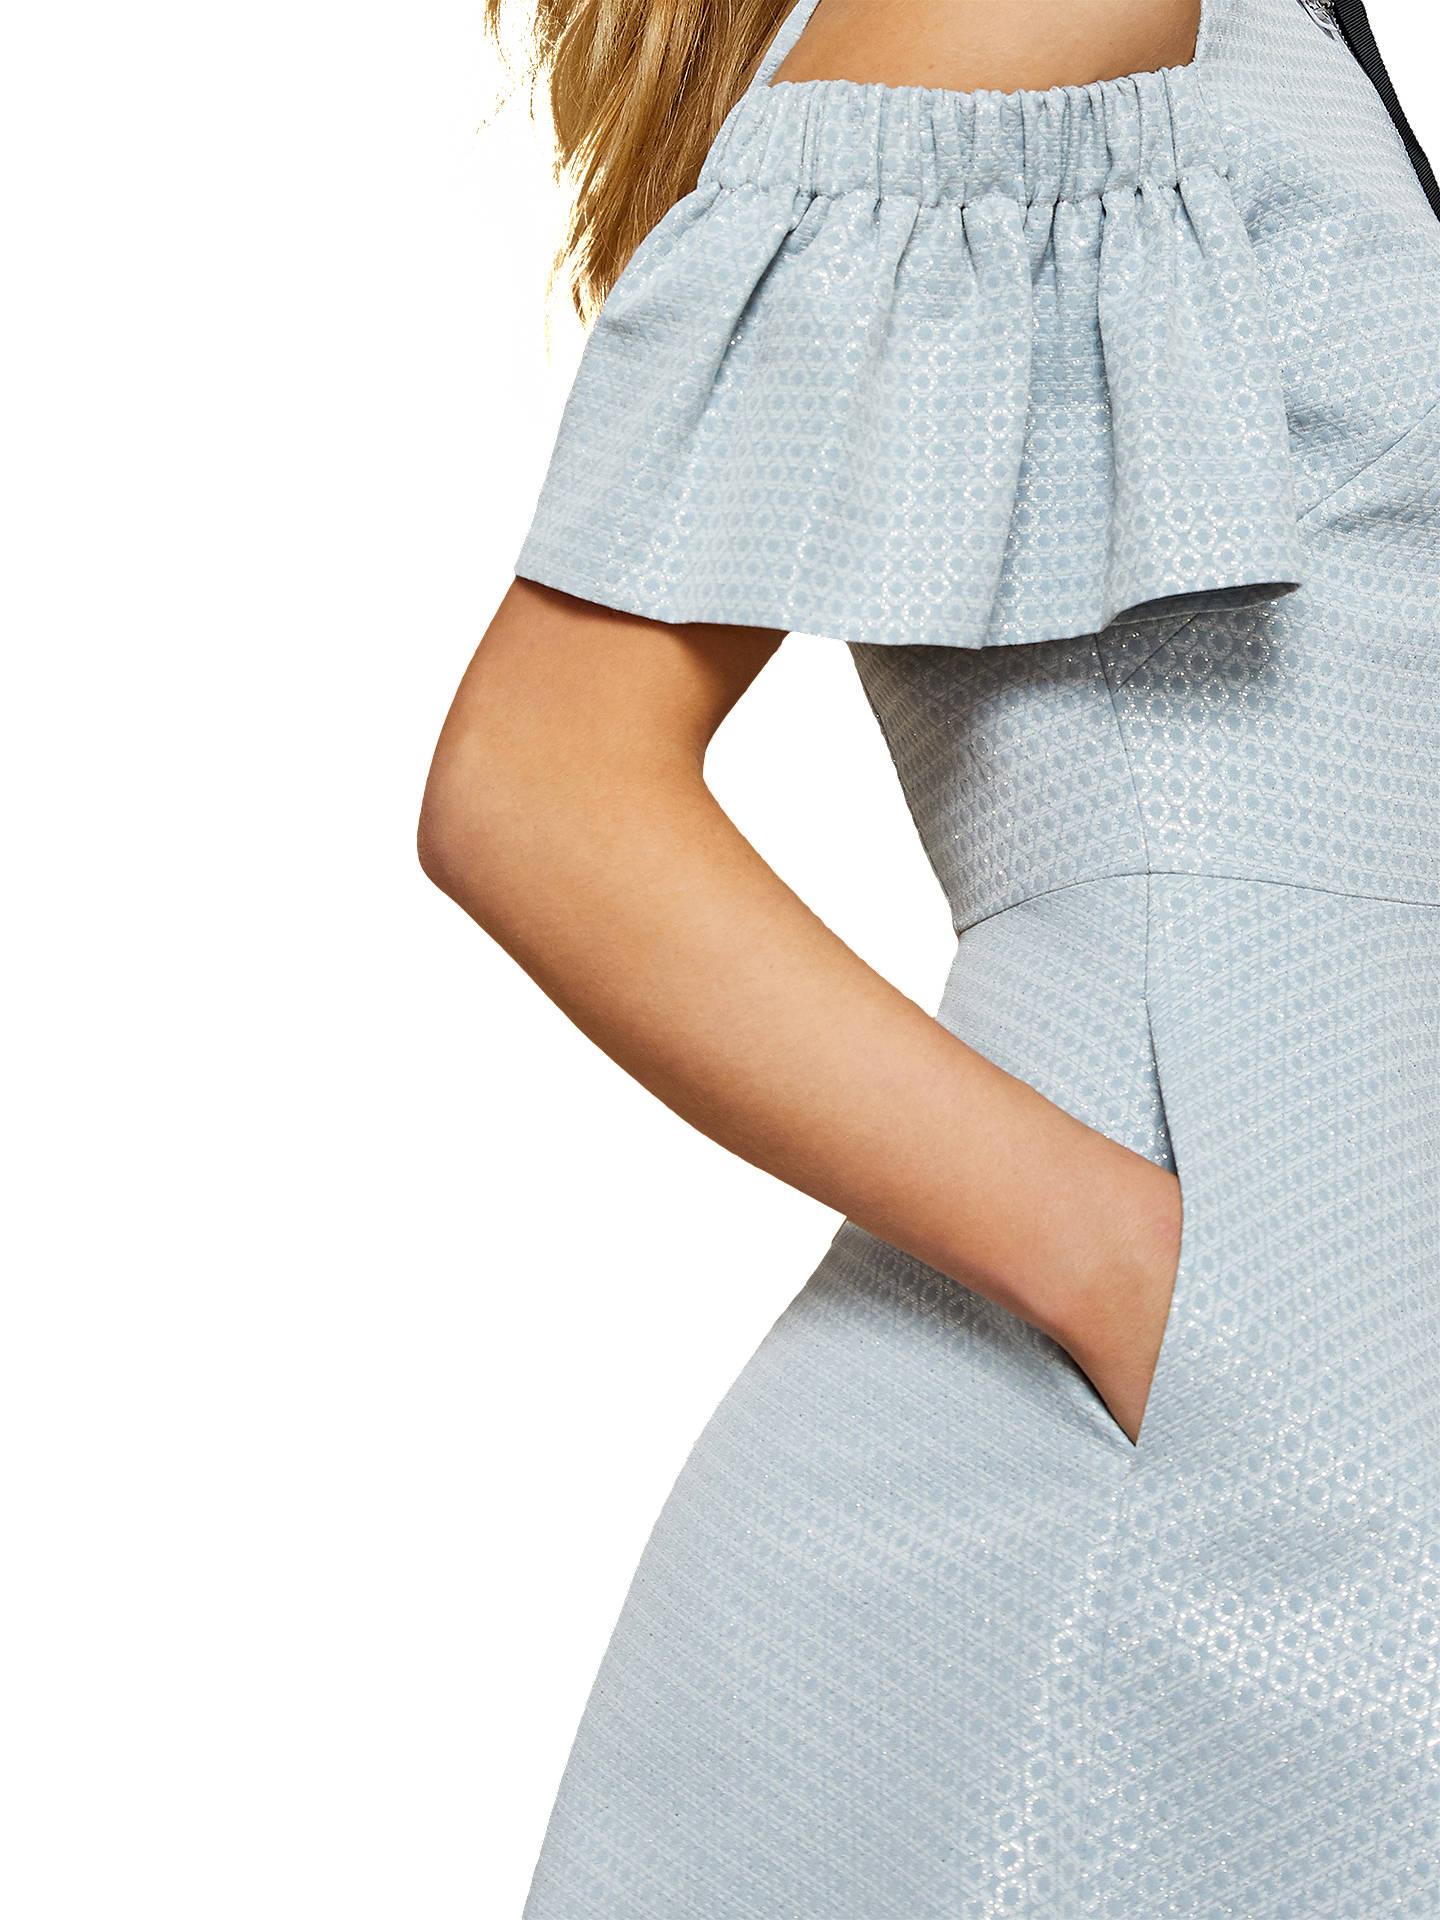 d22158fa0 ... Buy Ted Baker Araye Cold Shoulder Bow Dress